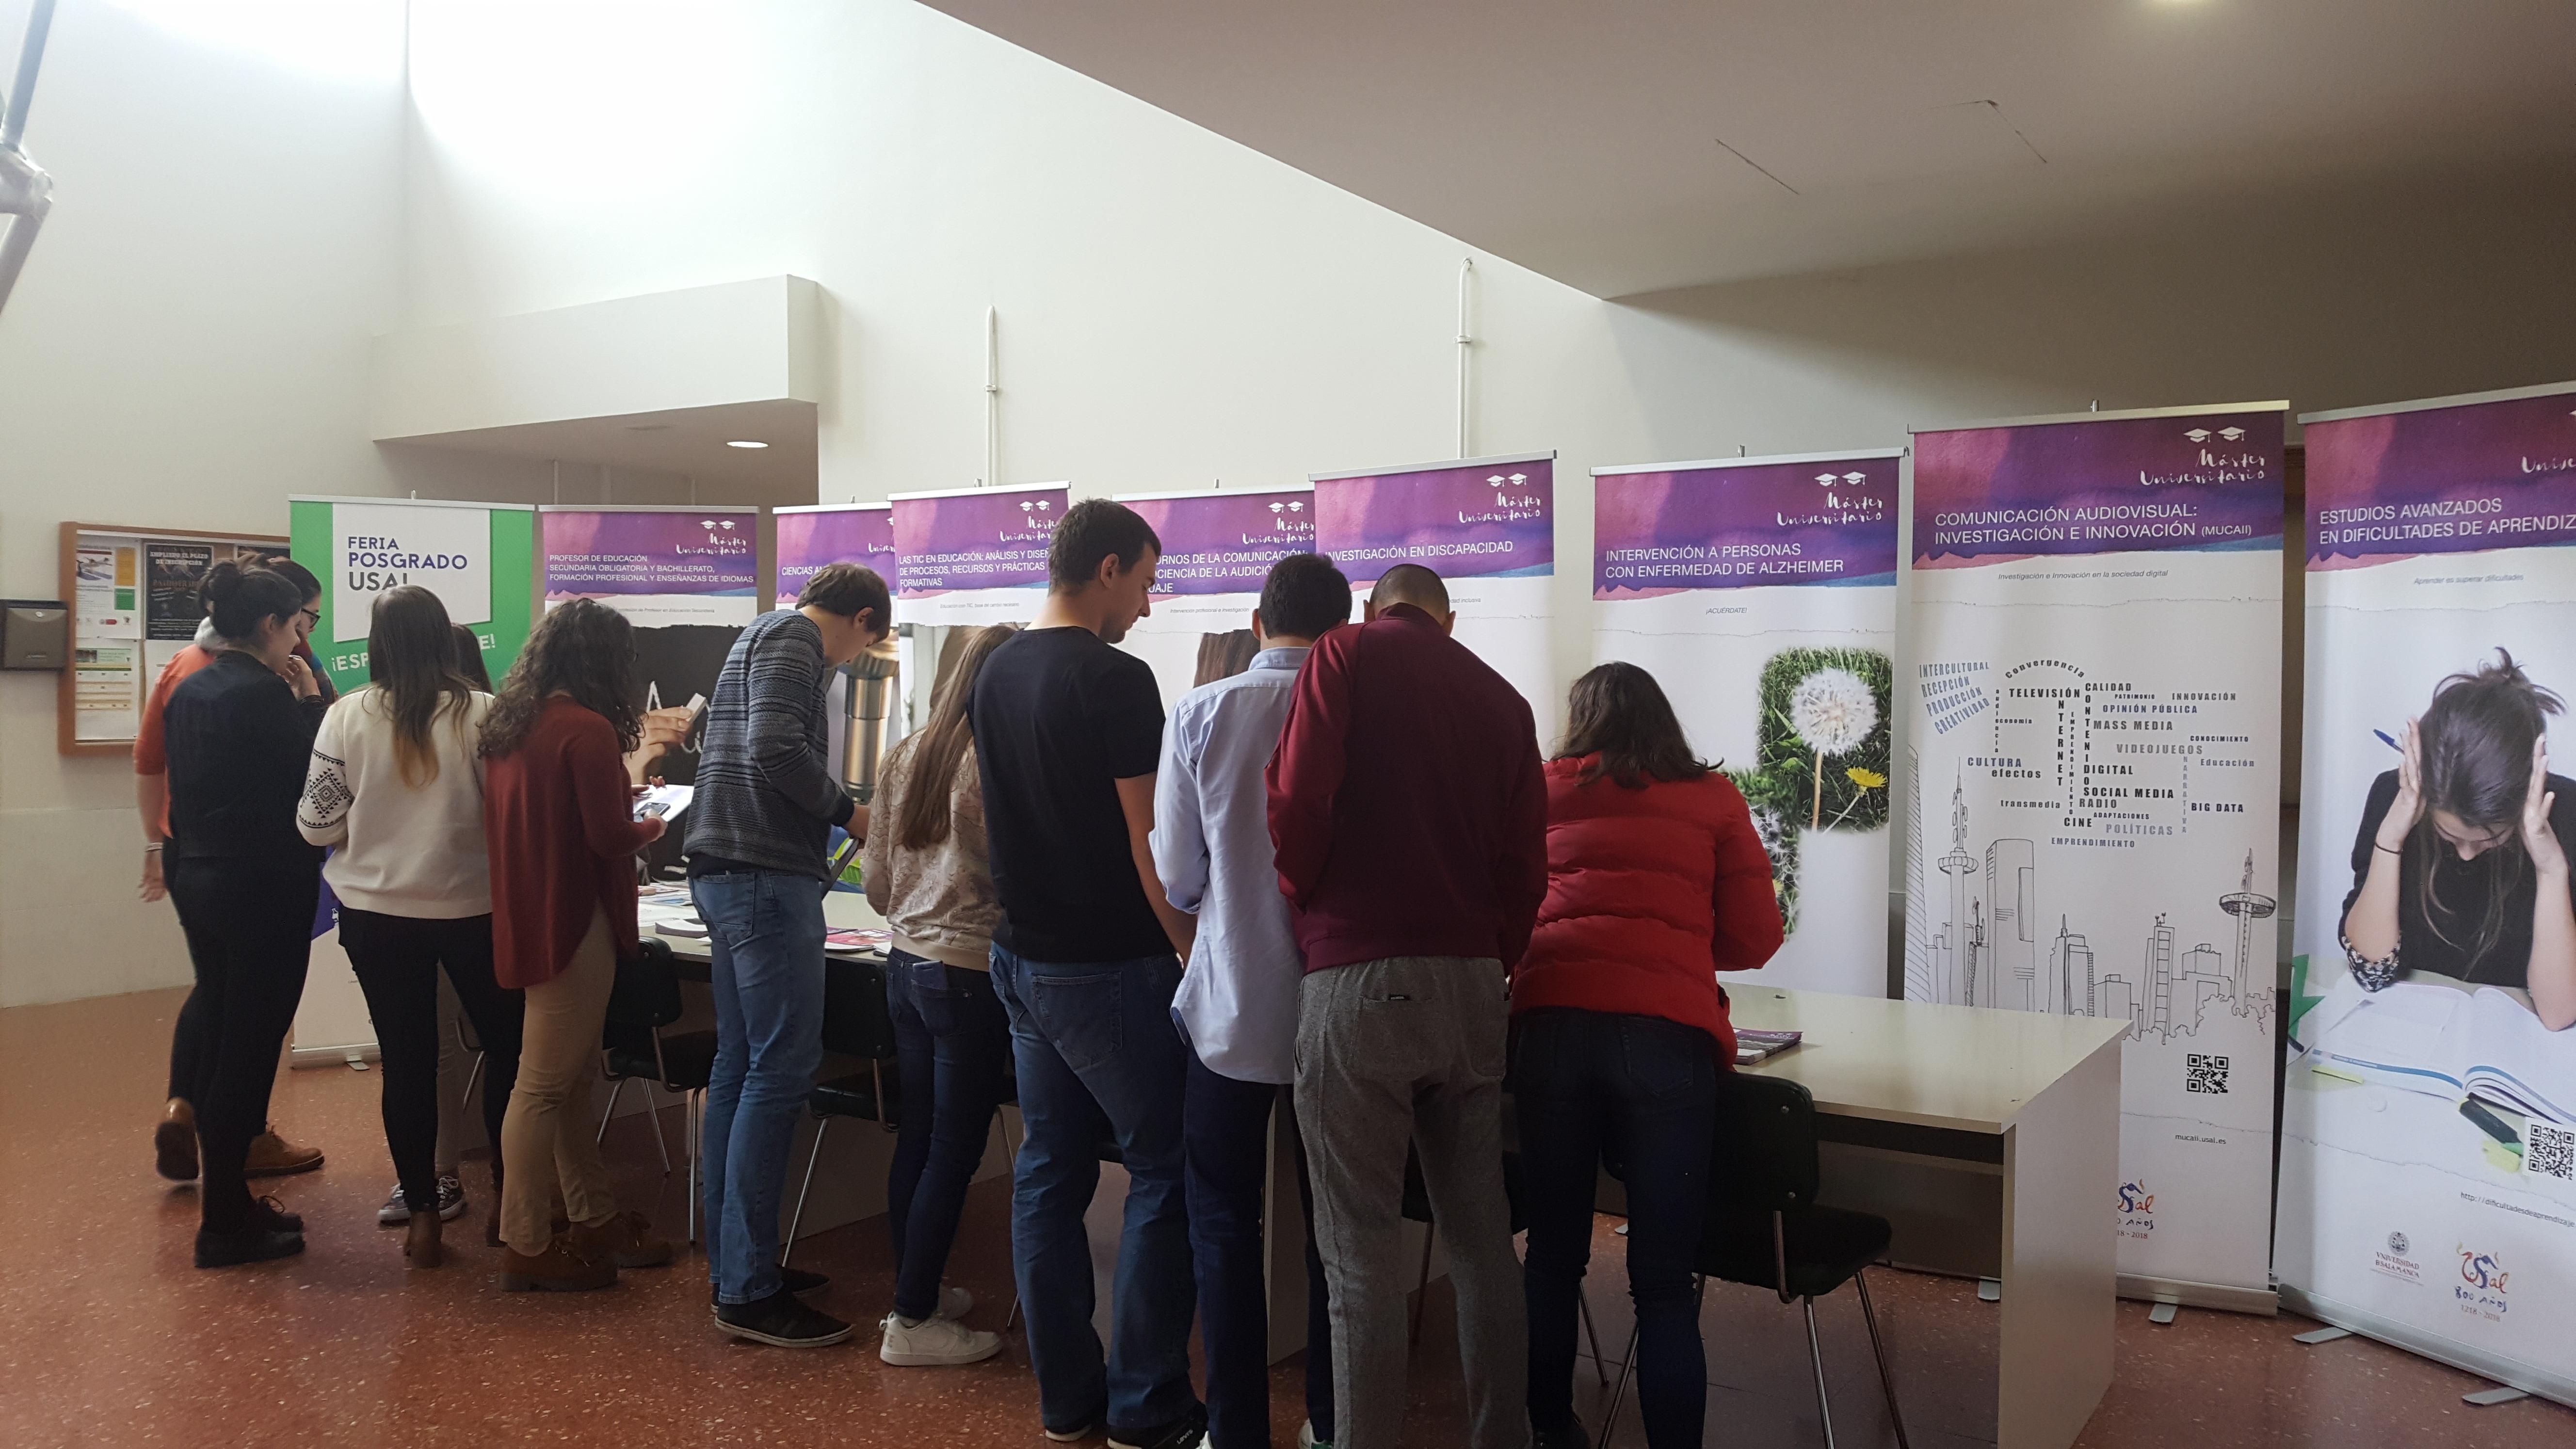 La III Feria de Posgrado de la Universidad de Salamanca acerca su oferta académica de especialización a todo el distrito universitario